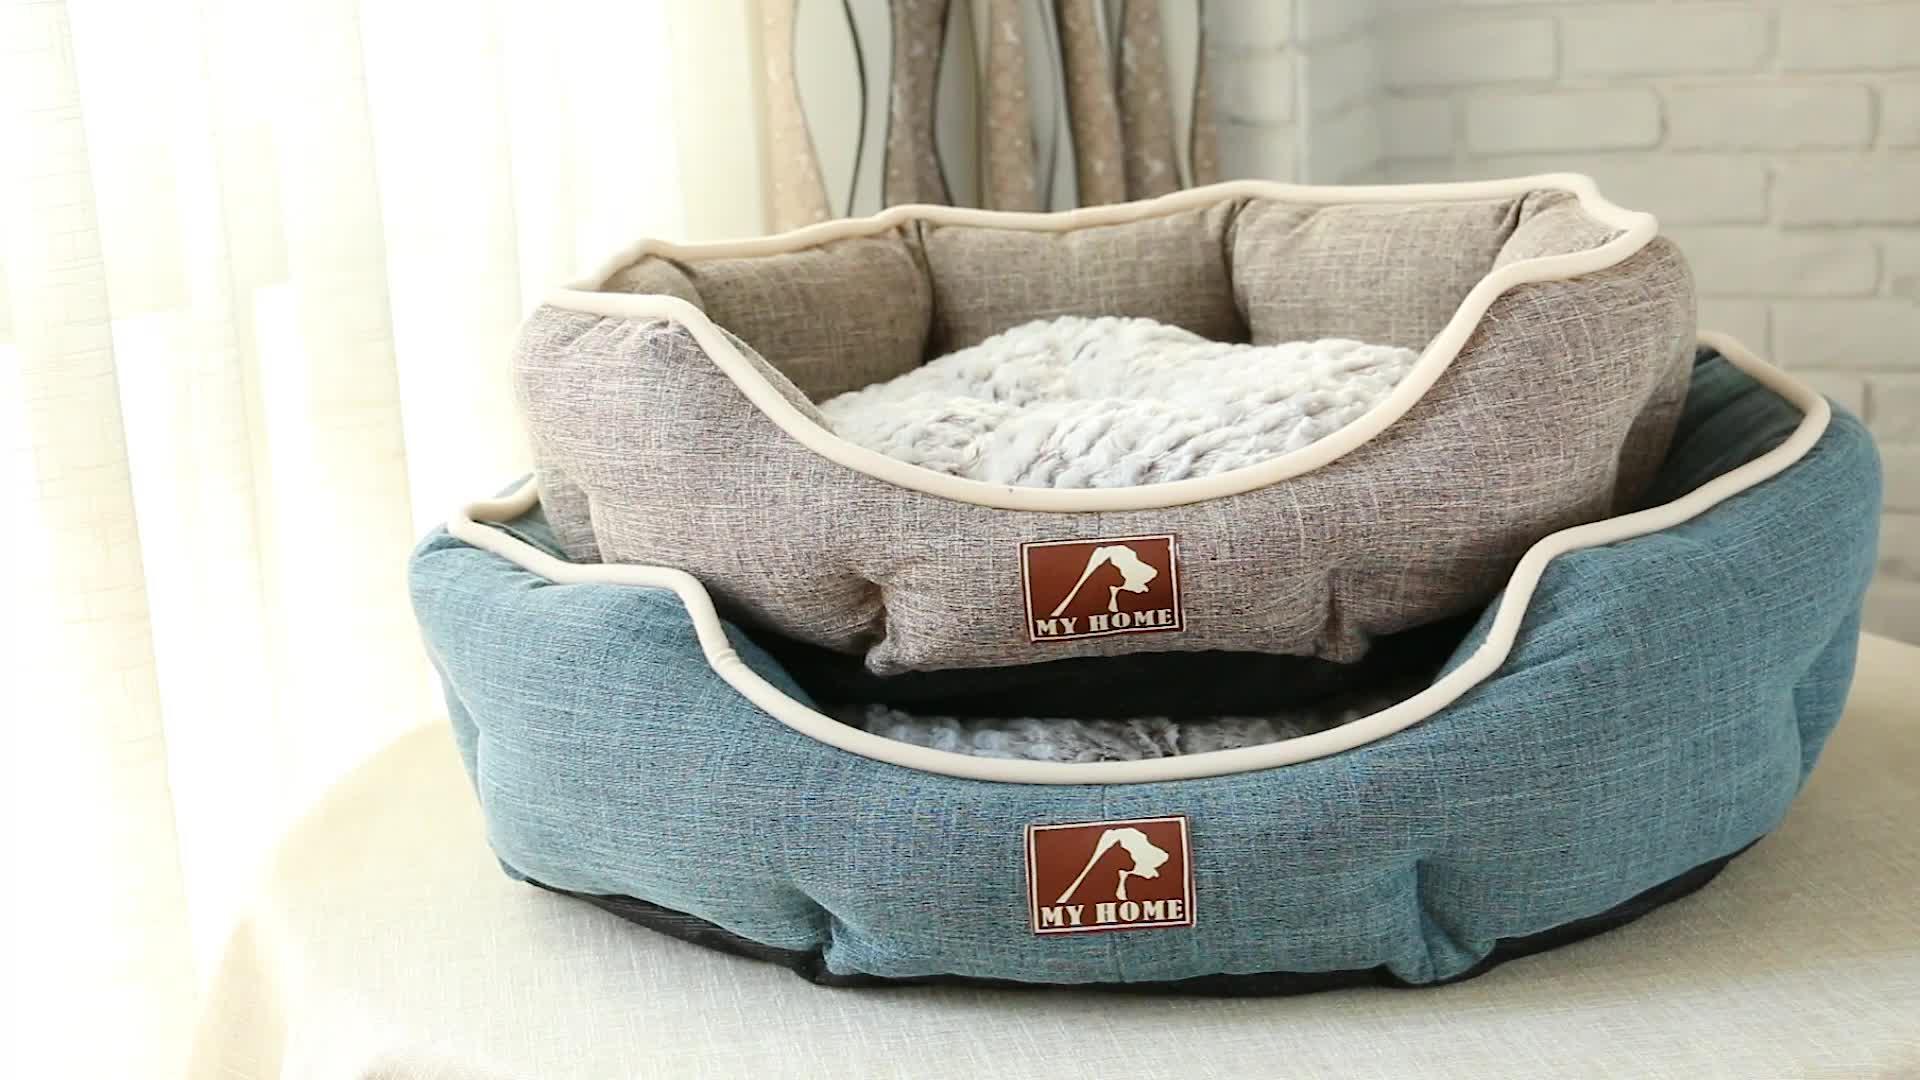 कपड़े के लिए चीन थोक Foldable लक्जरी पालतू पशु उत्पादों कुत्ते बिस्तर कुत्ते